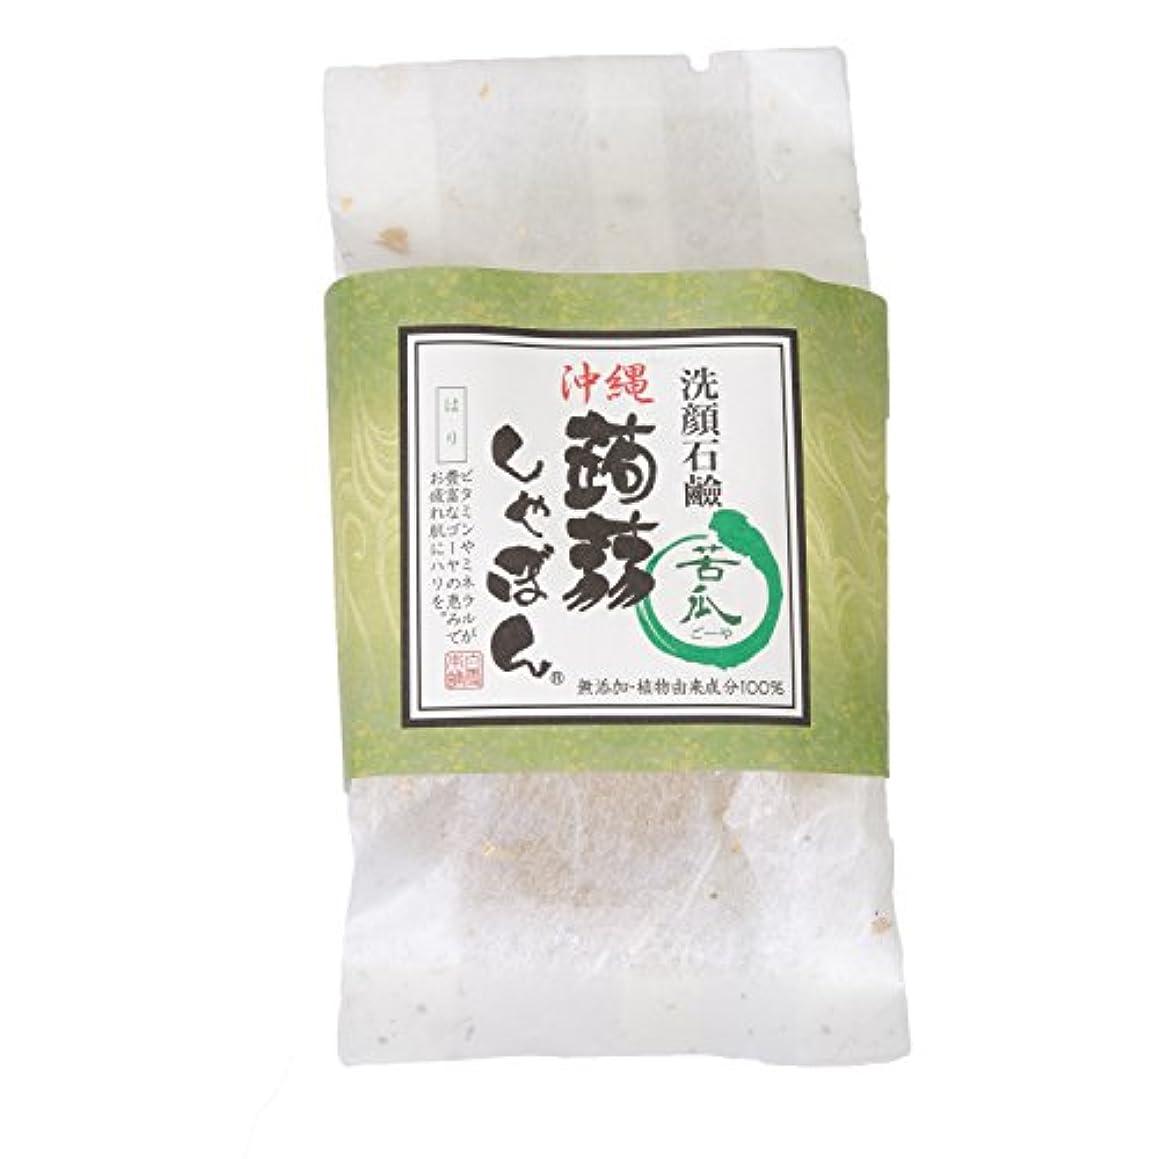 政治的恥含める沖縄 蒟蒻しゃぼん 金 ゴーヤ ぷるぷる 洗顔石鹸 石鹸 保湿 泡立ちソープ